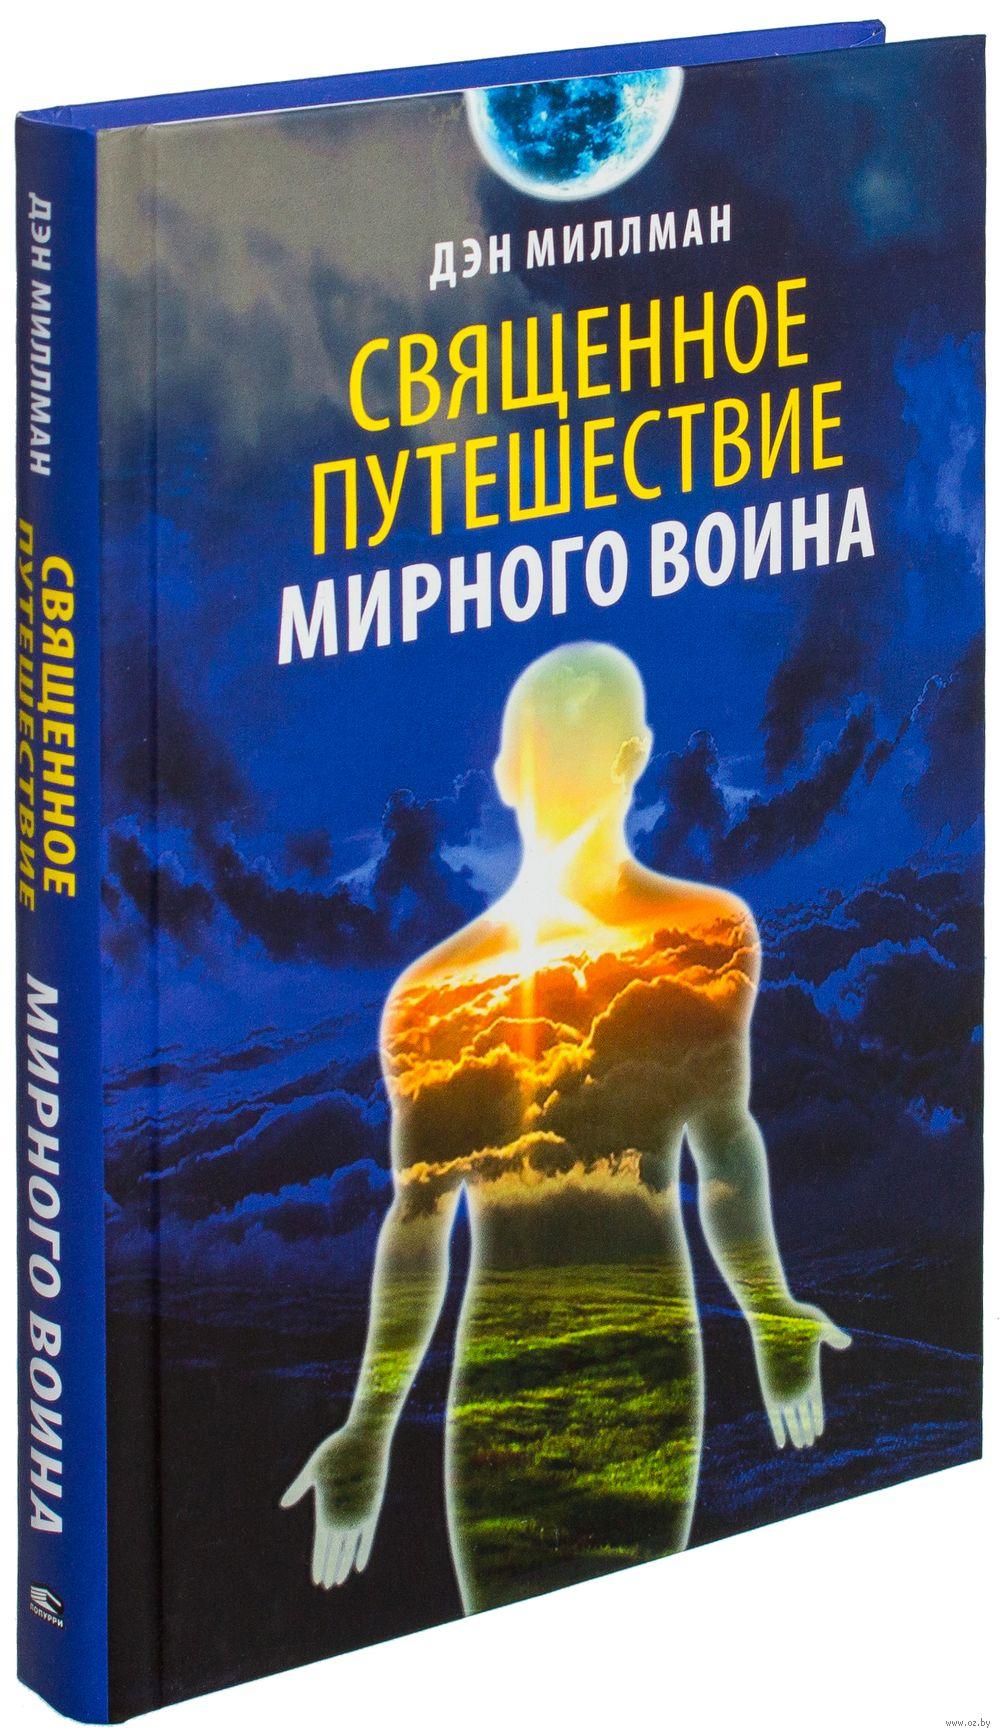 Скачать книгу мистическое путешествие мирного воина